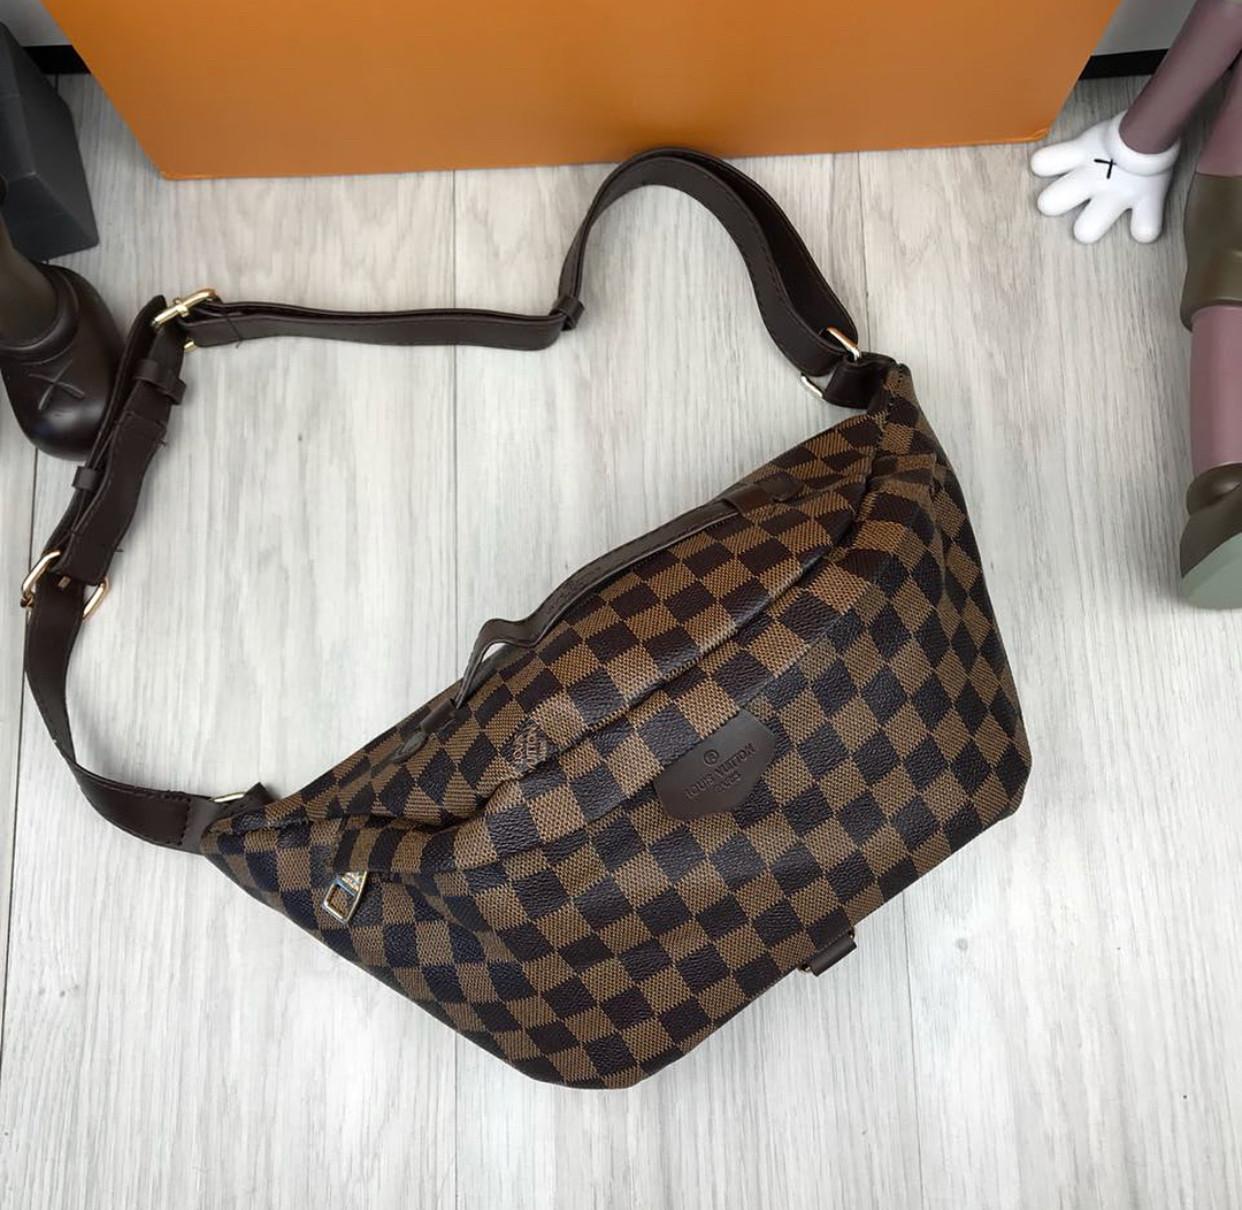 e5fdf6b35830 Сумка на пояс бананка брендовая Louis Vuitton коричневая мужская женская  копия высокого качества - AMARKET -